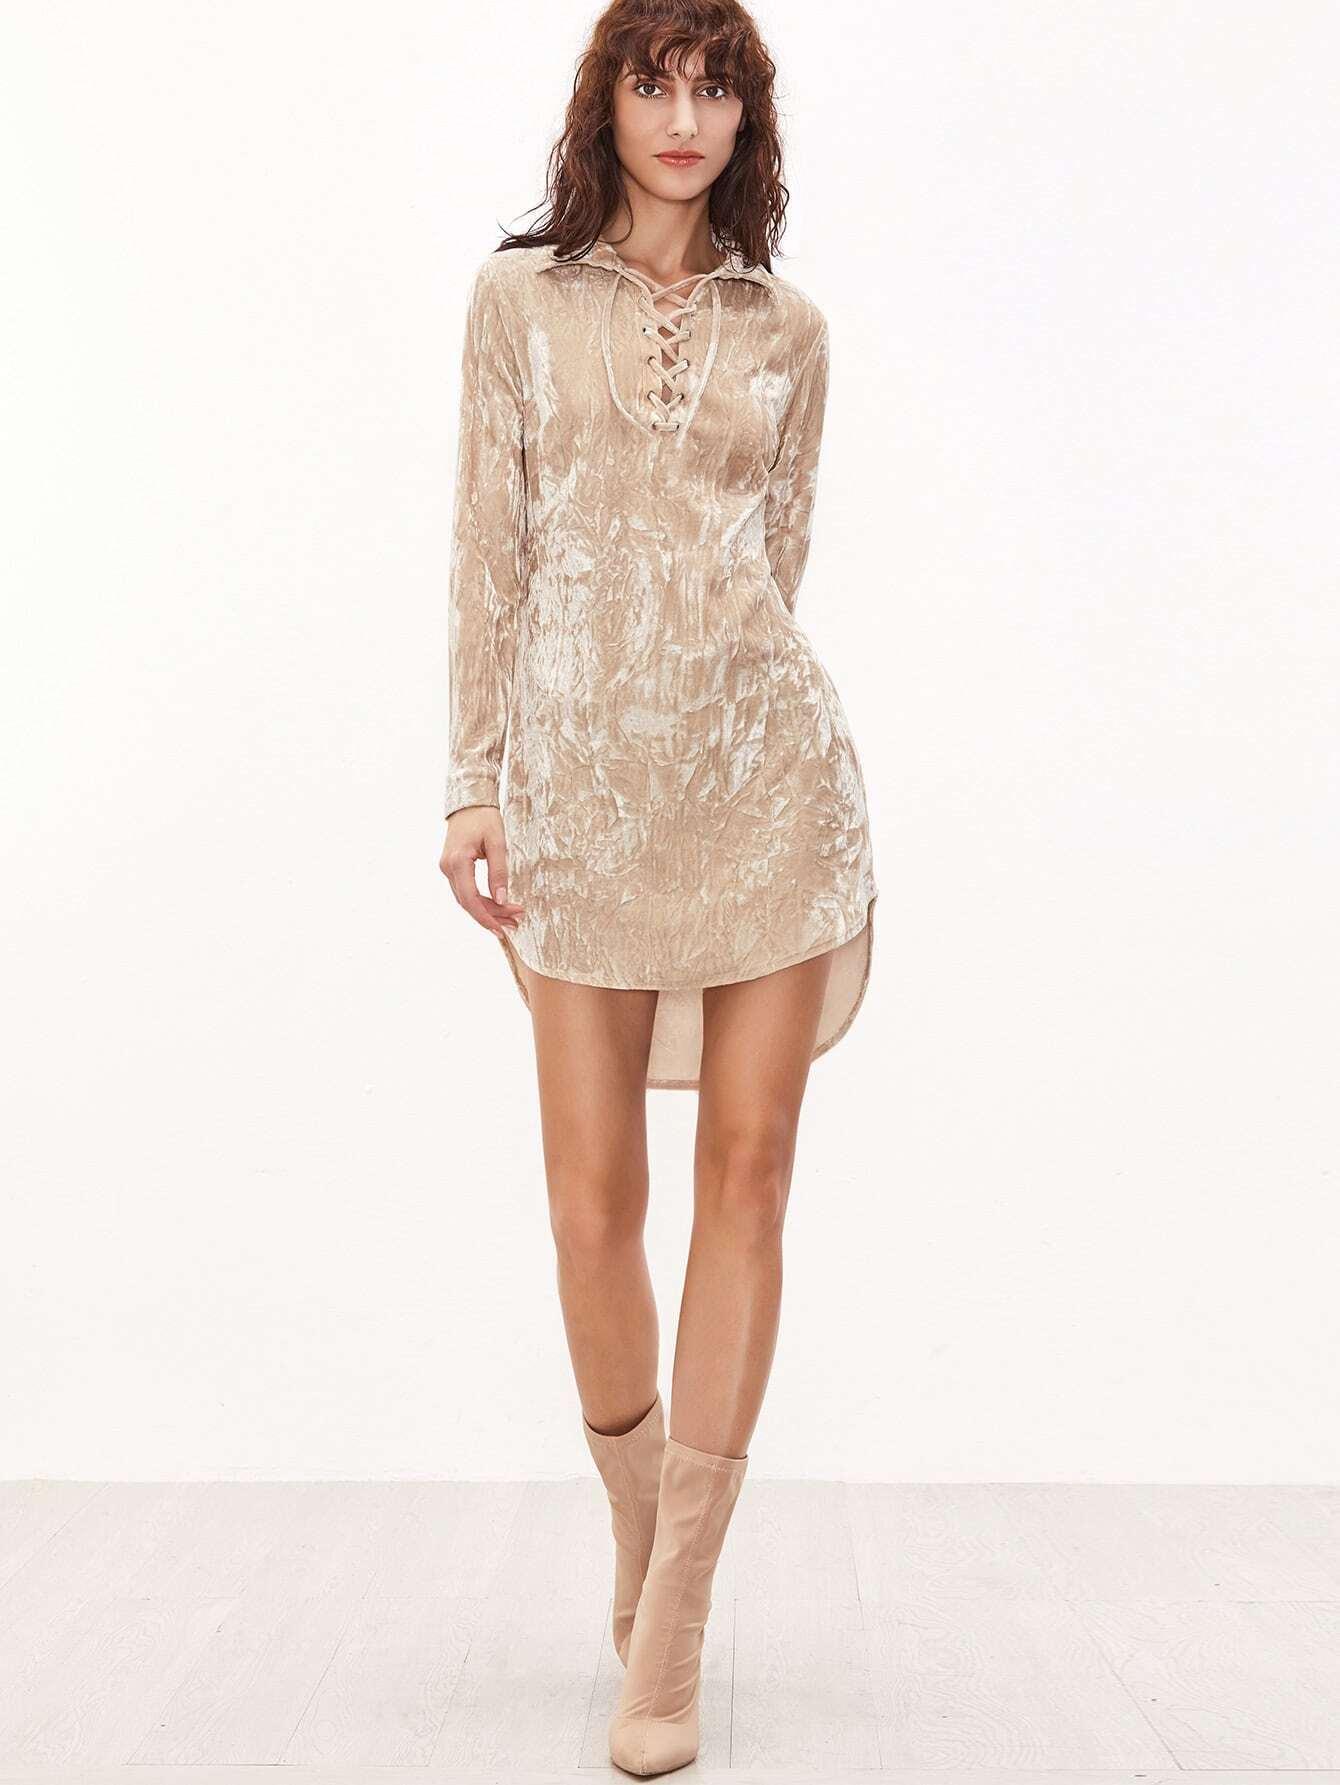 dress161129715_2